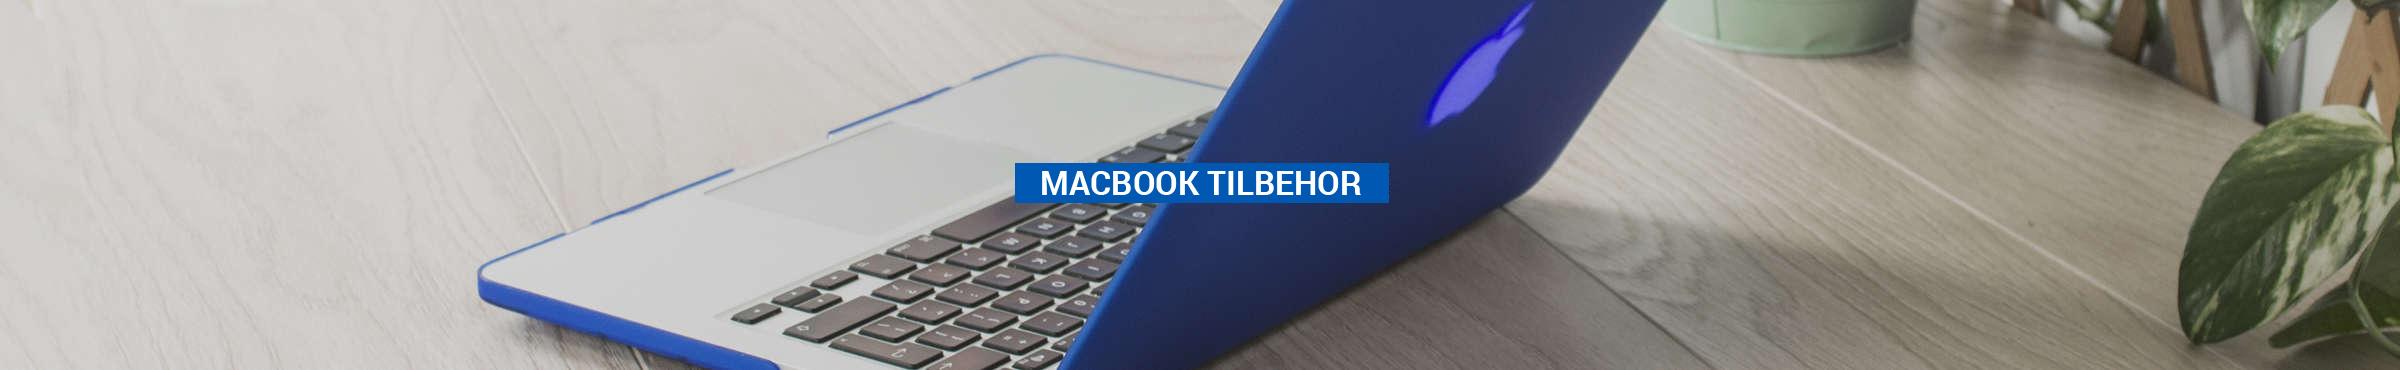 MacBook tilbehør